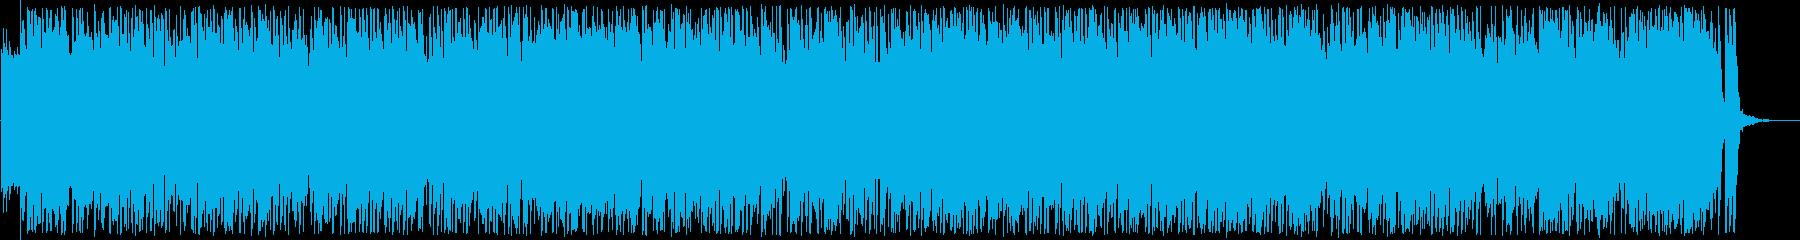 ゆったりしたシンセサイザーラテン風曲の再生済みの波形